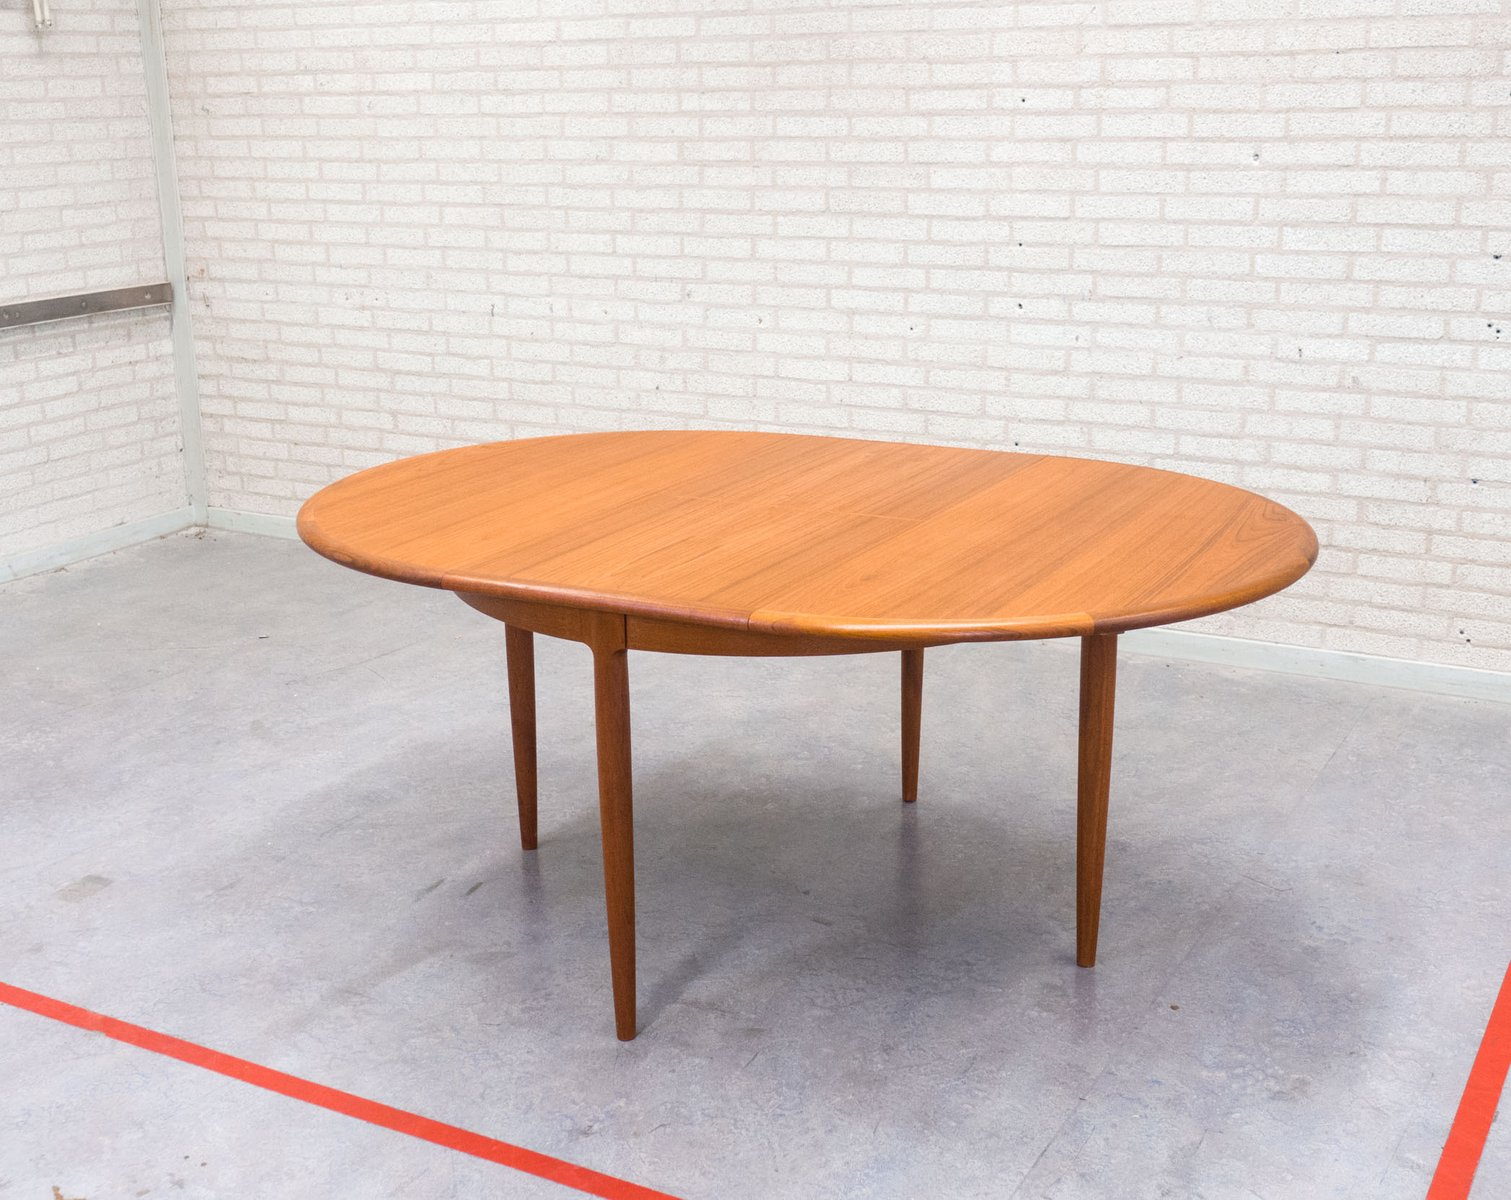 Vintage Extendable Teak Dining Table by Niels Otto M248ller  : vintage extendable teak dining table by niels otto moller for j l mollers 2 from www.pamono.com.au size 1511 x 1200 jpeg 181kB